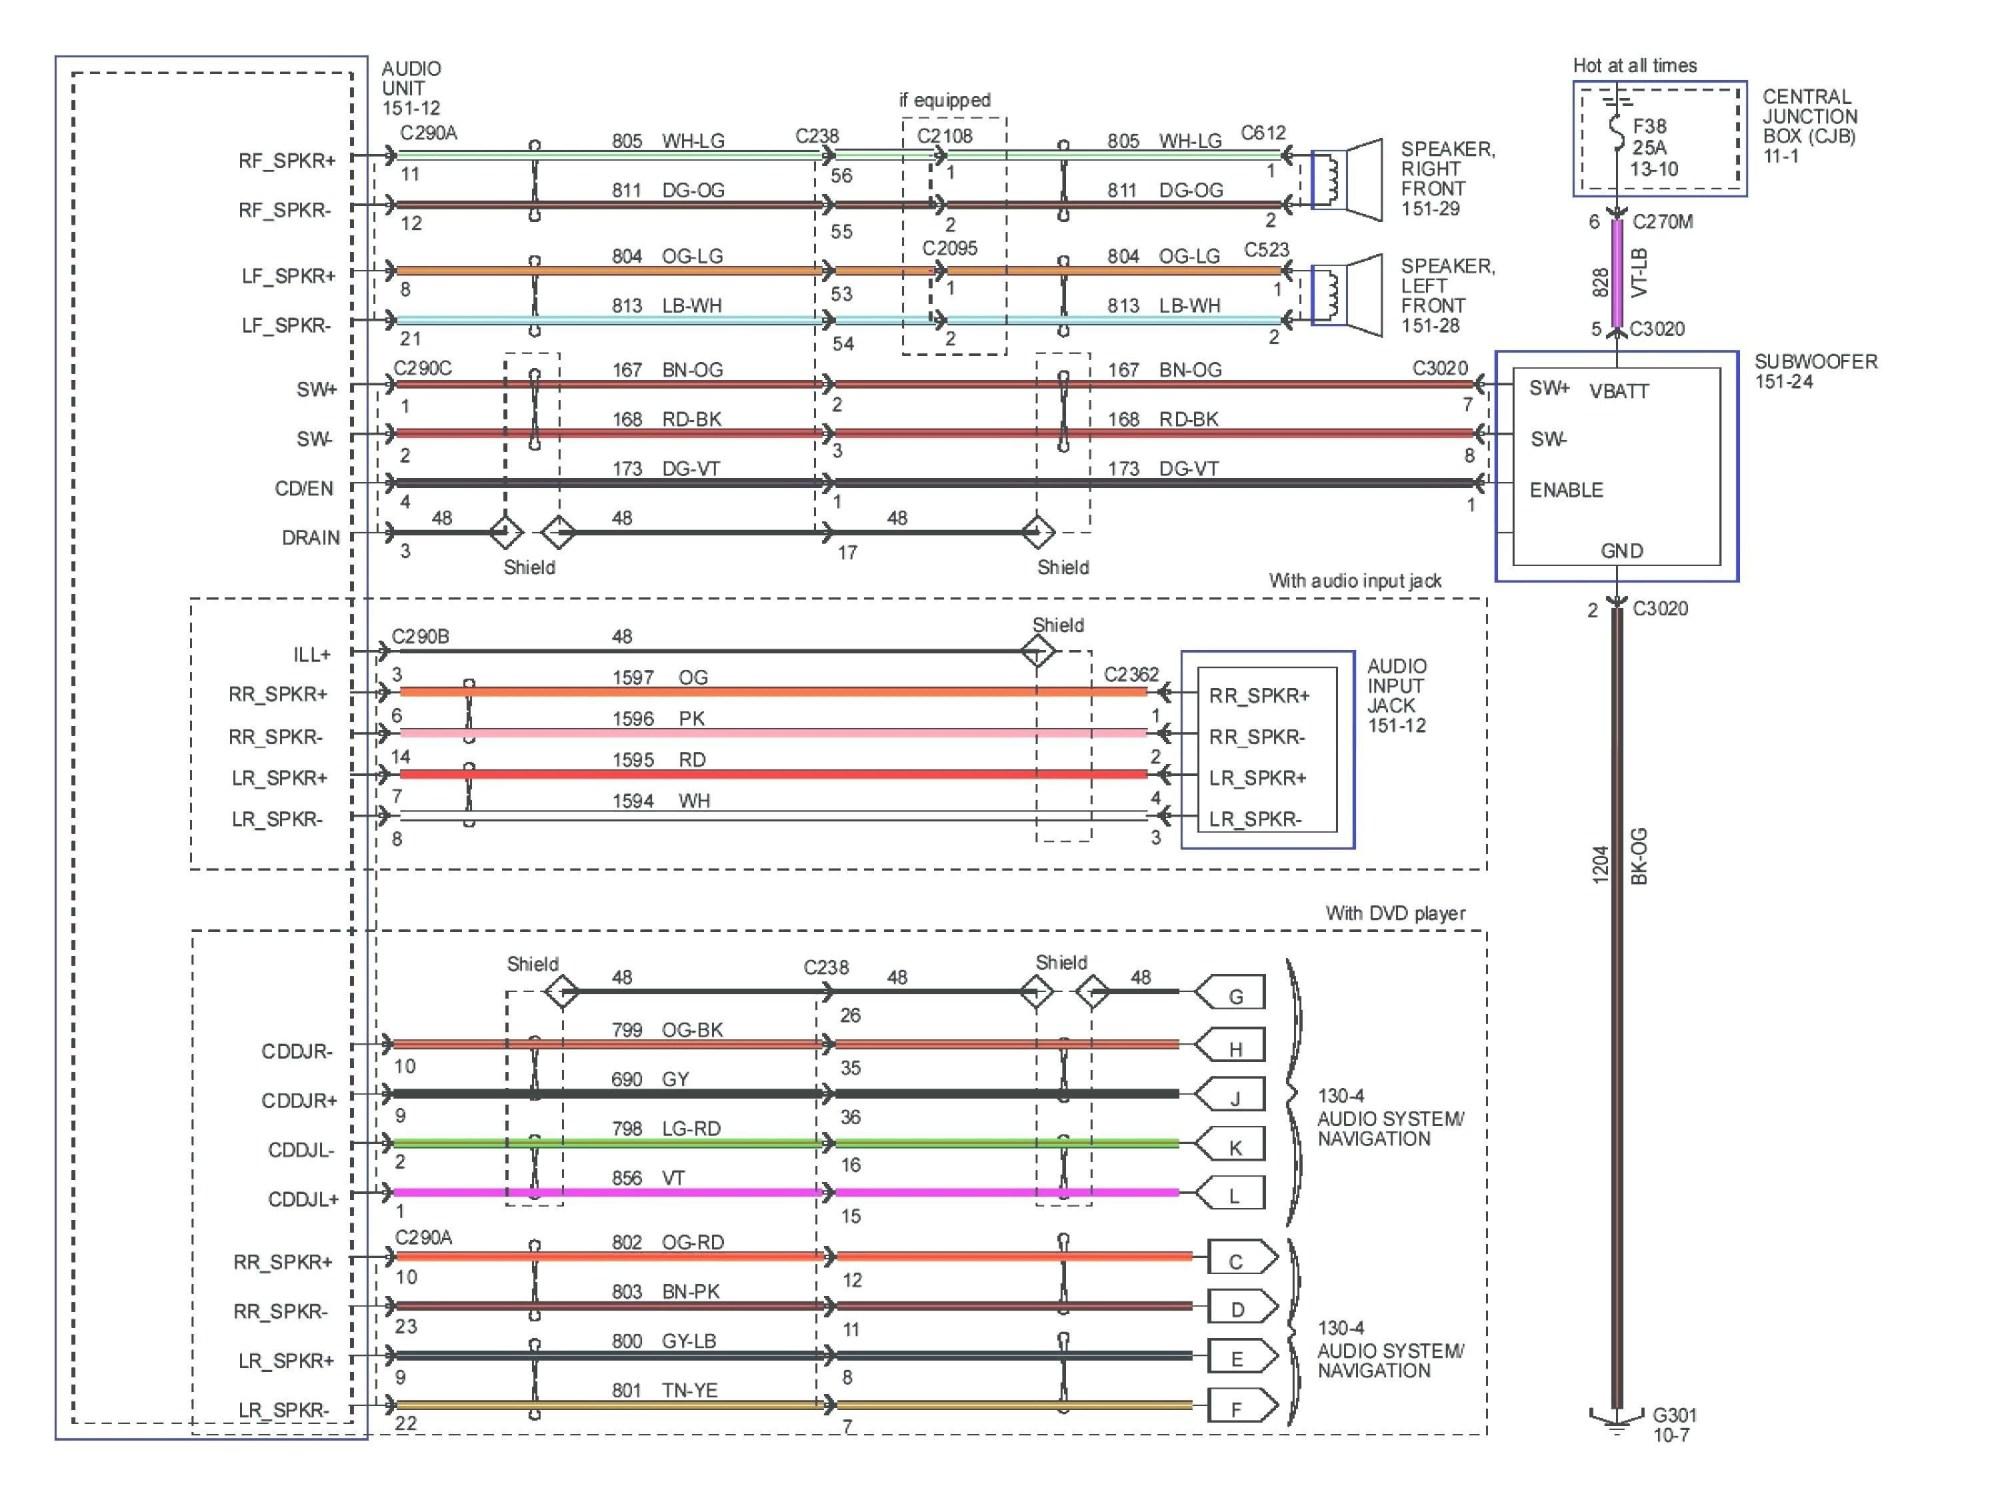 Wm 5539 Pioneer Deh P3600 Wiring Diagram Likewise Pioneer Mvh